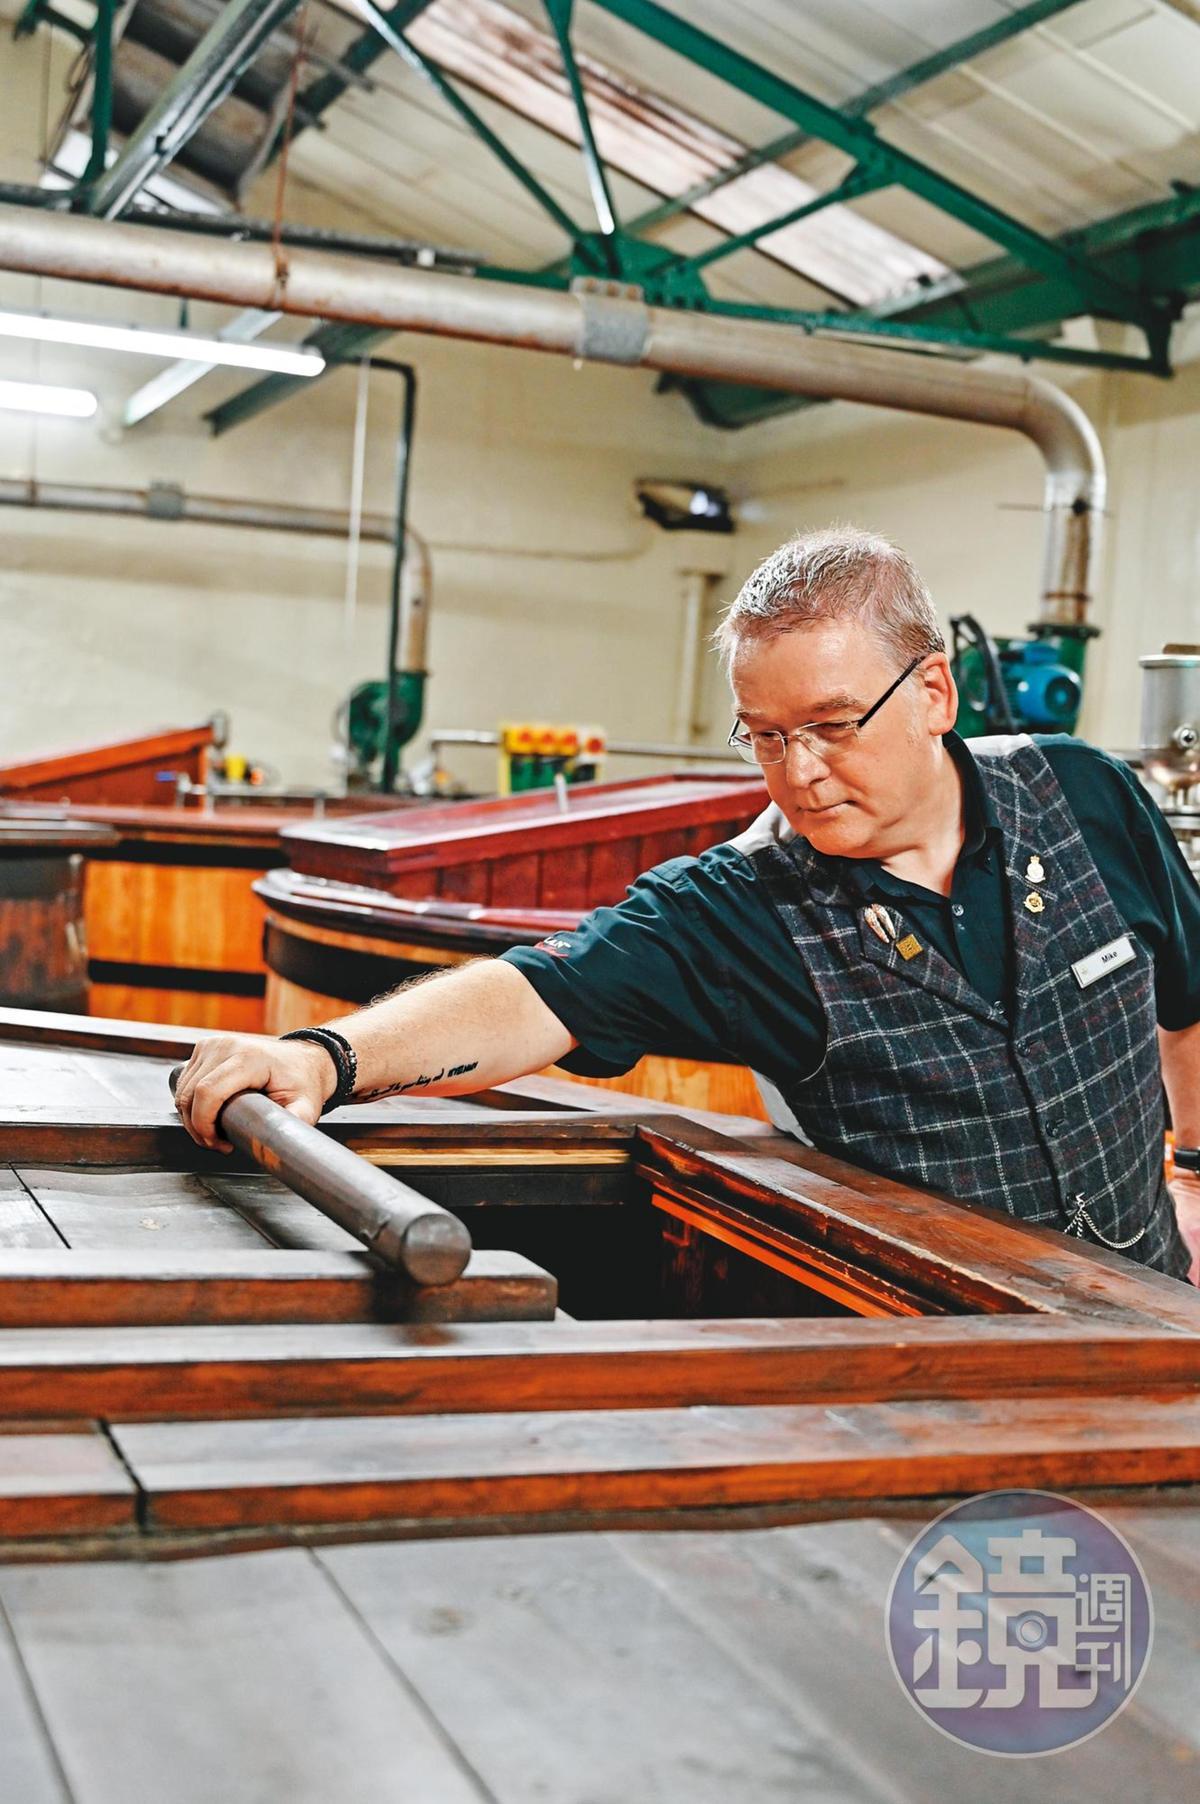 解說員Mike Wood正在察看發酵槽。歐本酒廠現有四個木製發酵槽,一個淡色Oregon Pine、3個深色European larch,產出9%酒精度的Whisky Beer,也是橘子香氣的主要來源。